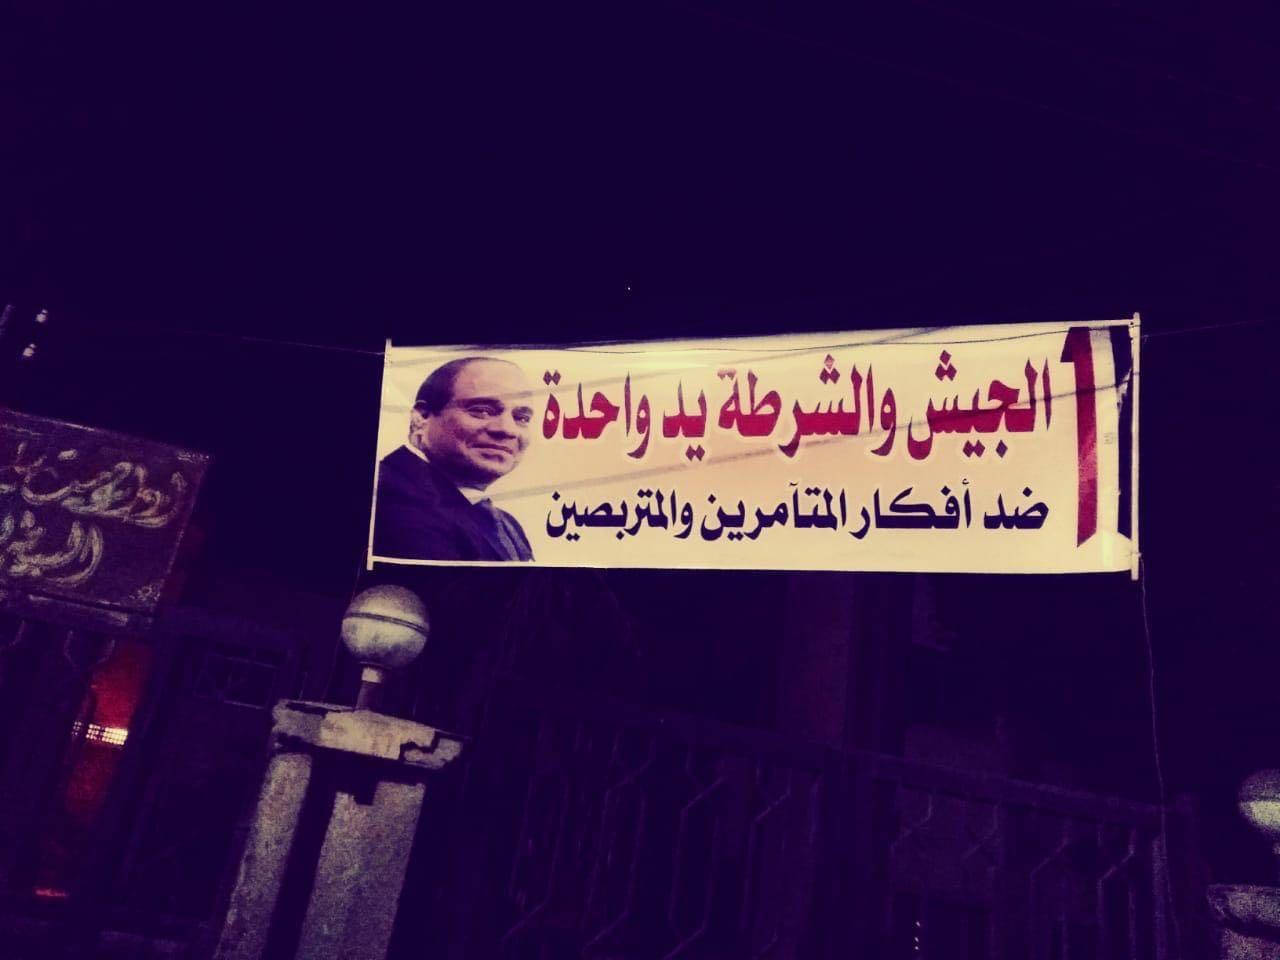 لافتات تؤيد الجيش والشرطة